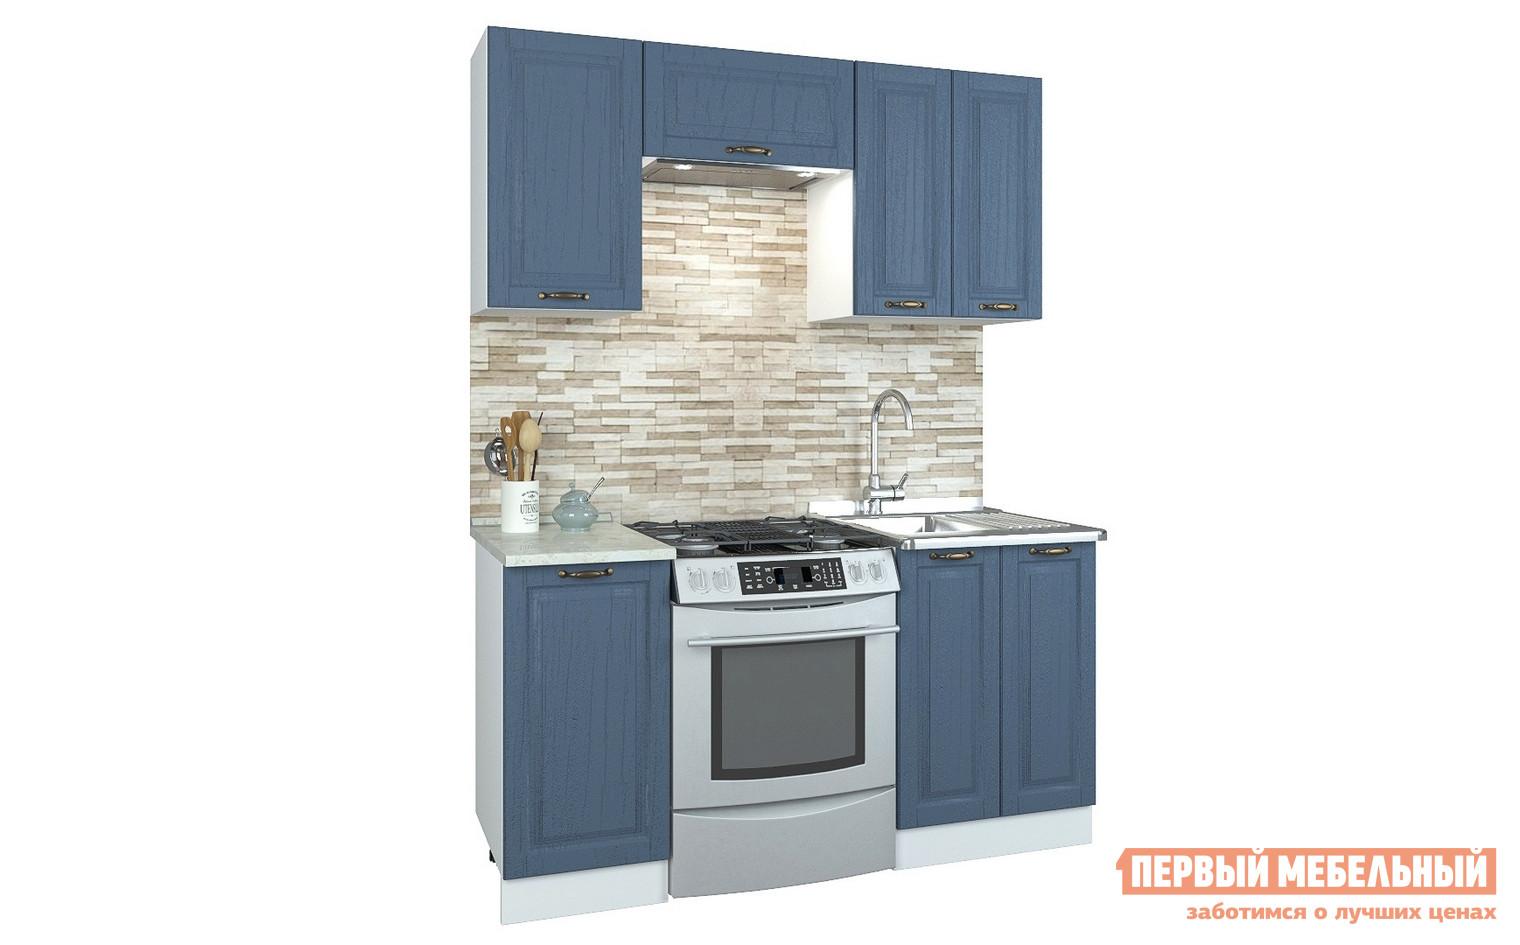 Прямой кухонный гарнитур Первый Мебельный Кухня Палермо 1,6 м кухонный гарнитур витра палермо 300 2